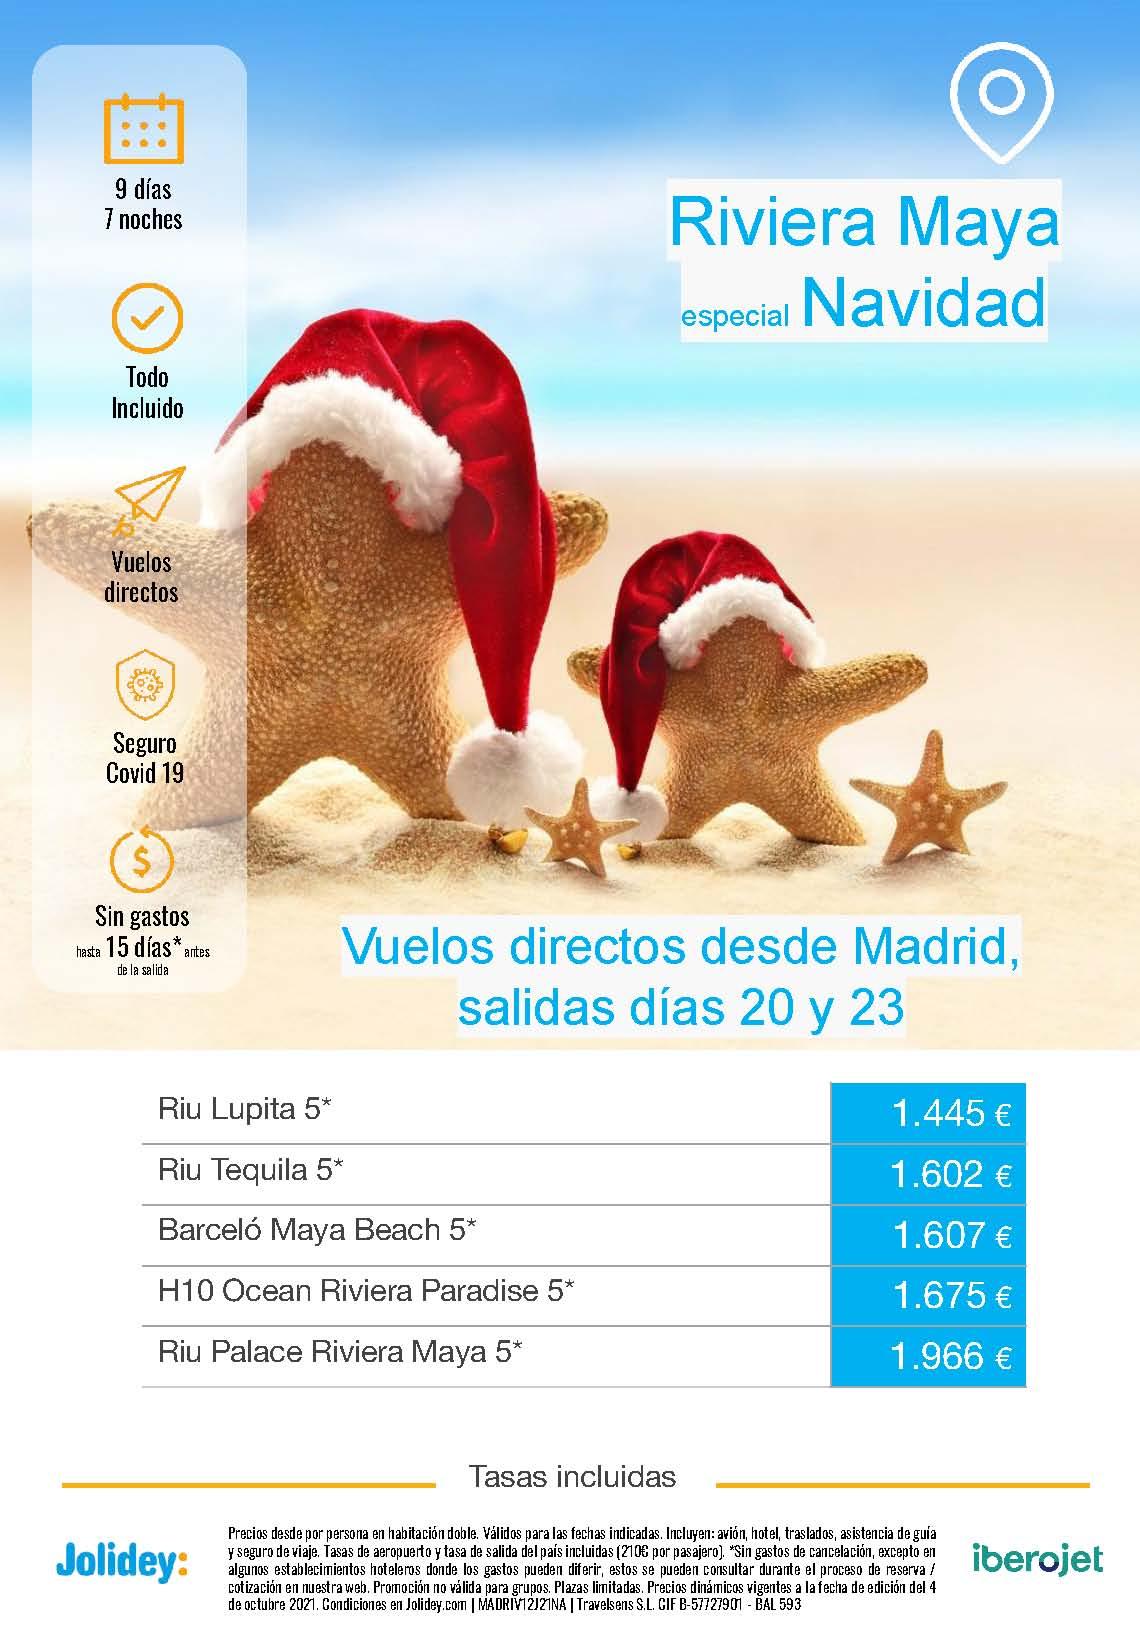 Ofertas Jolidey Navidad 2021 en Riviera Maya Mexico salida en vuelo directo desde Madrid